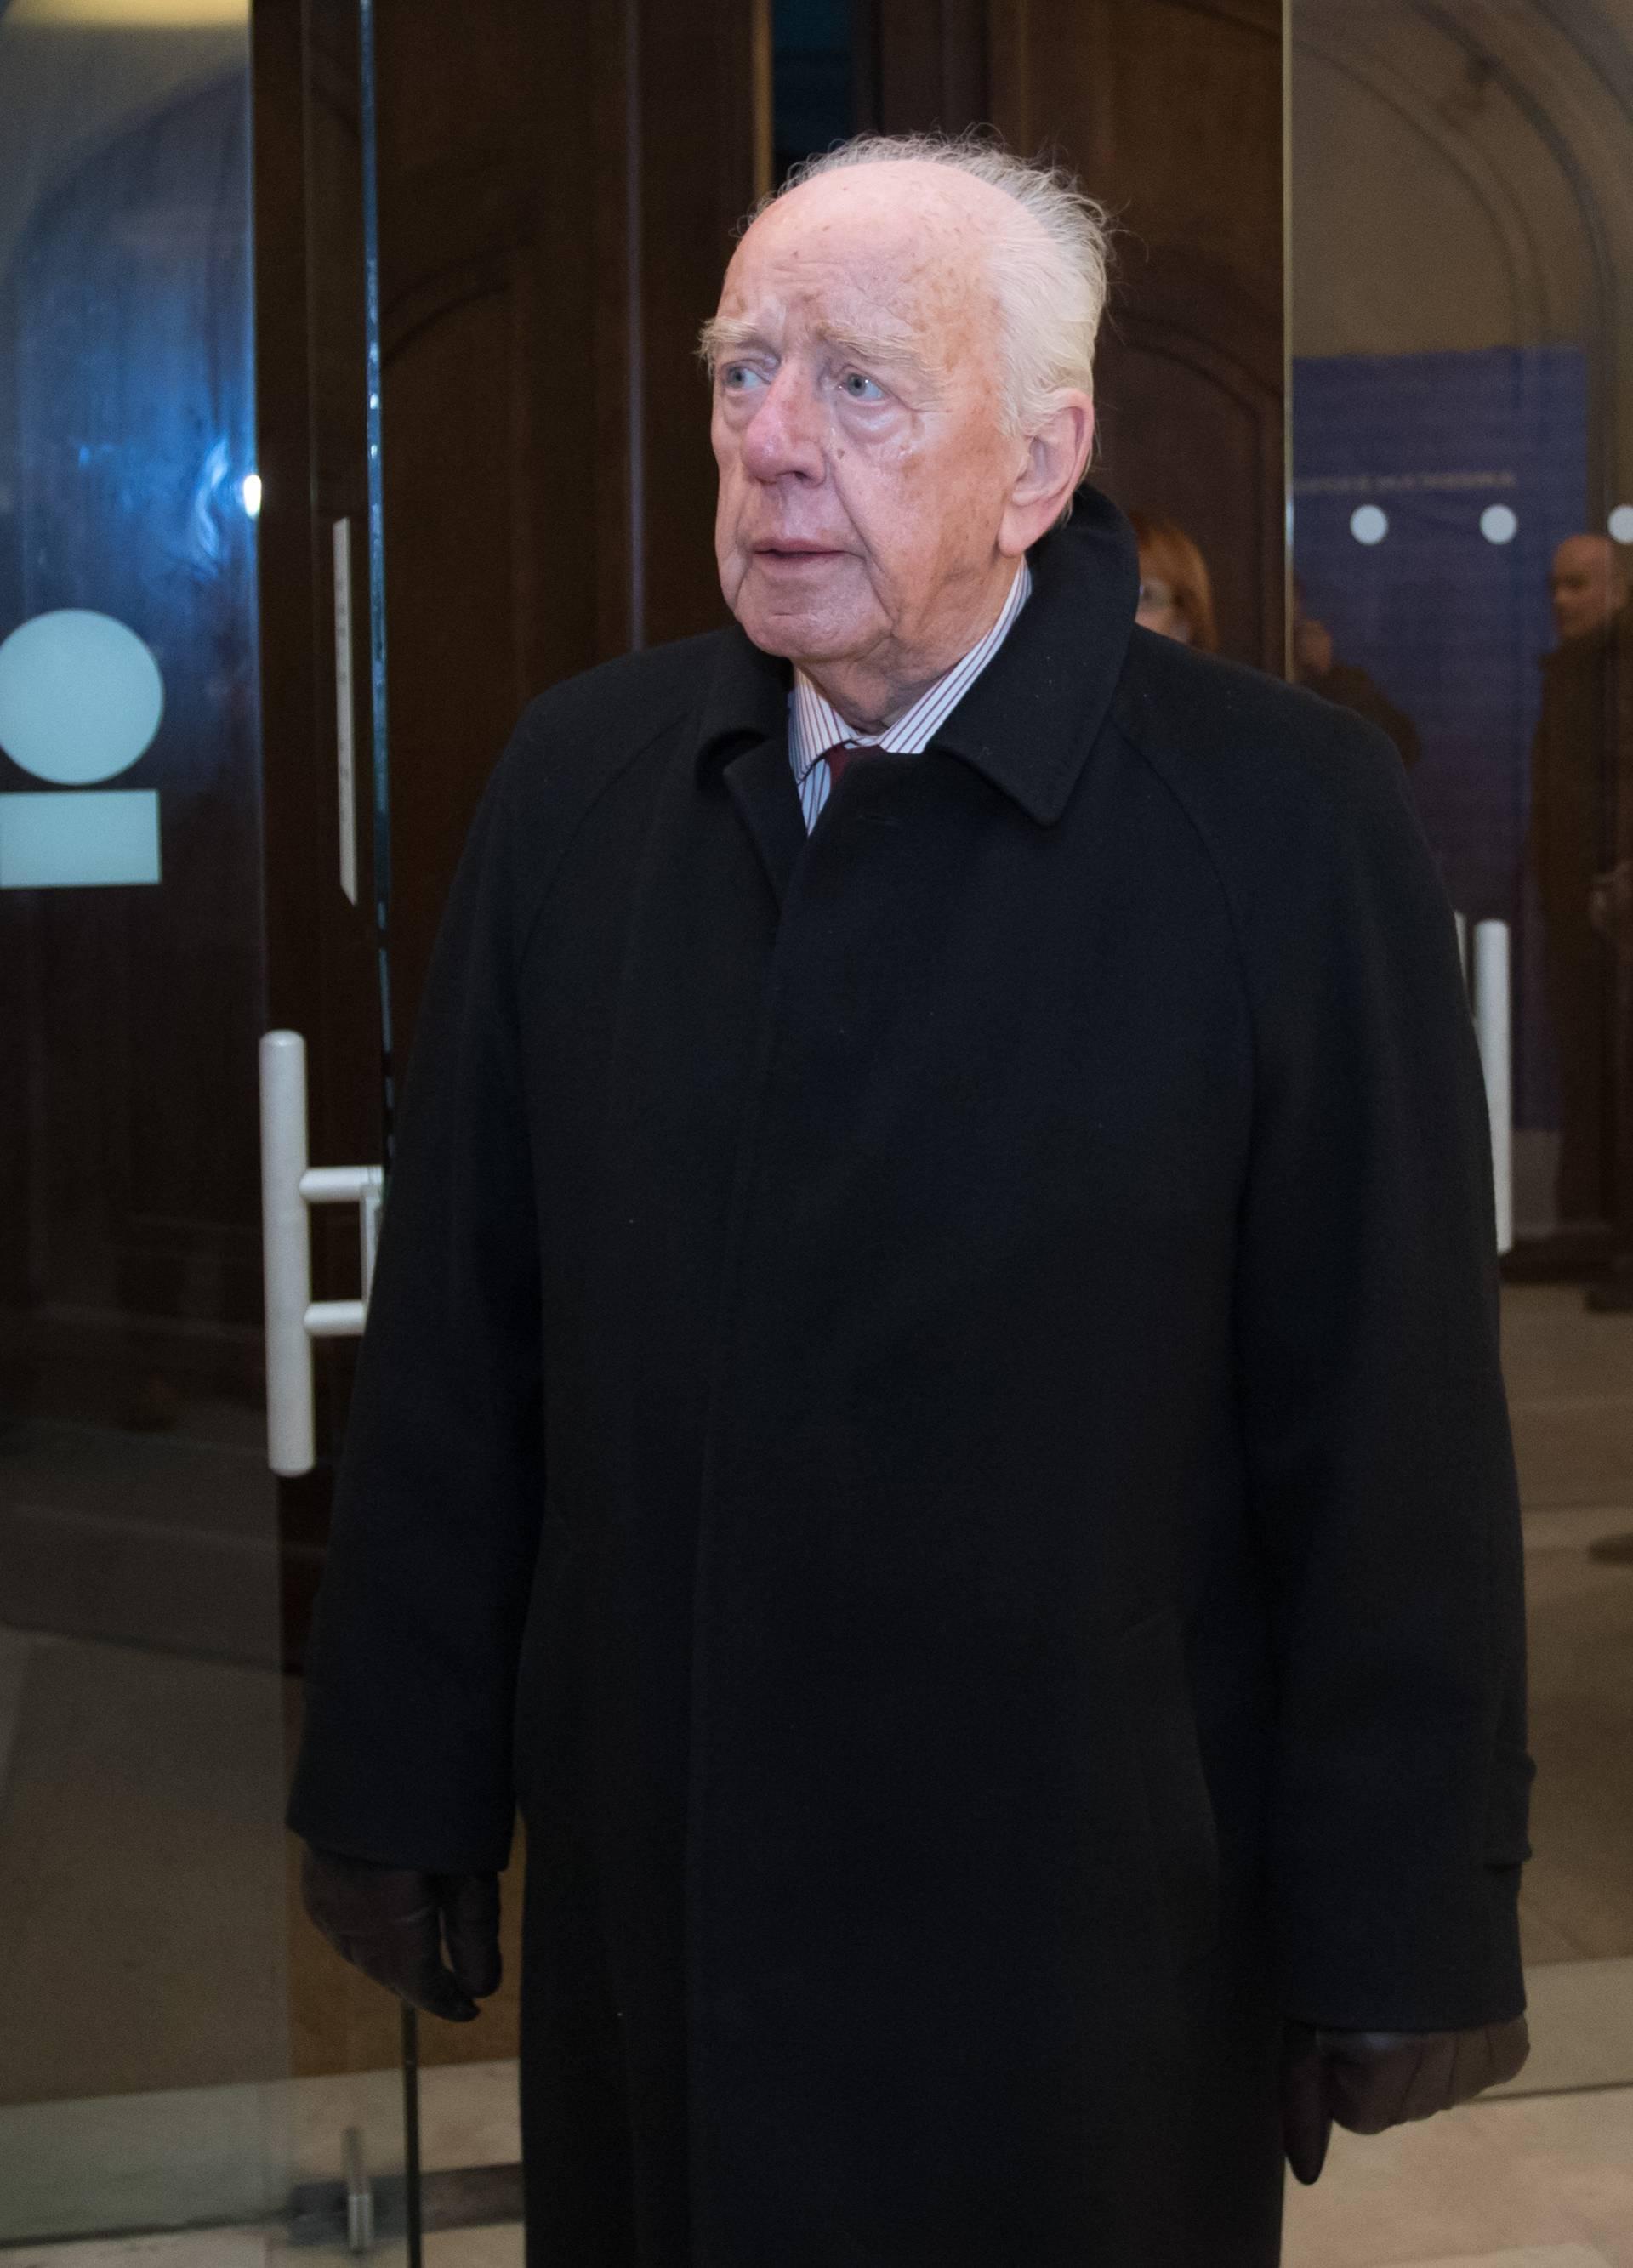 Lončar odbio Medalju Zagreba: Ne želim sudjelovati u igrokazu